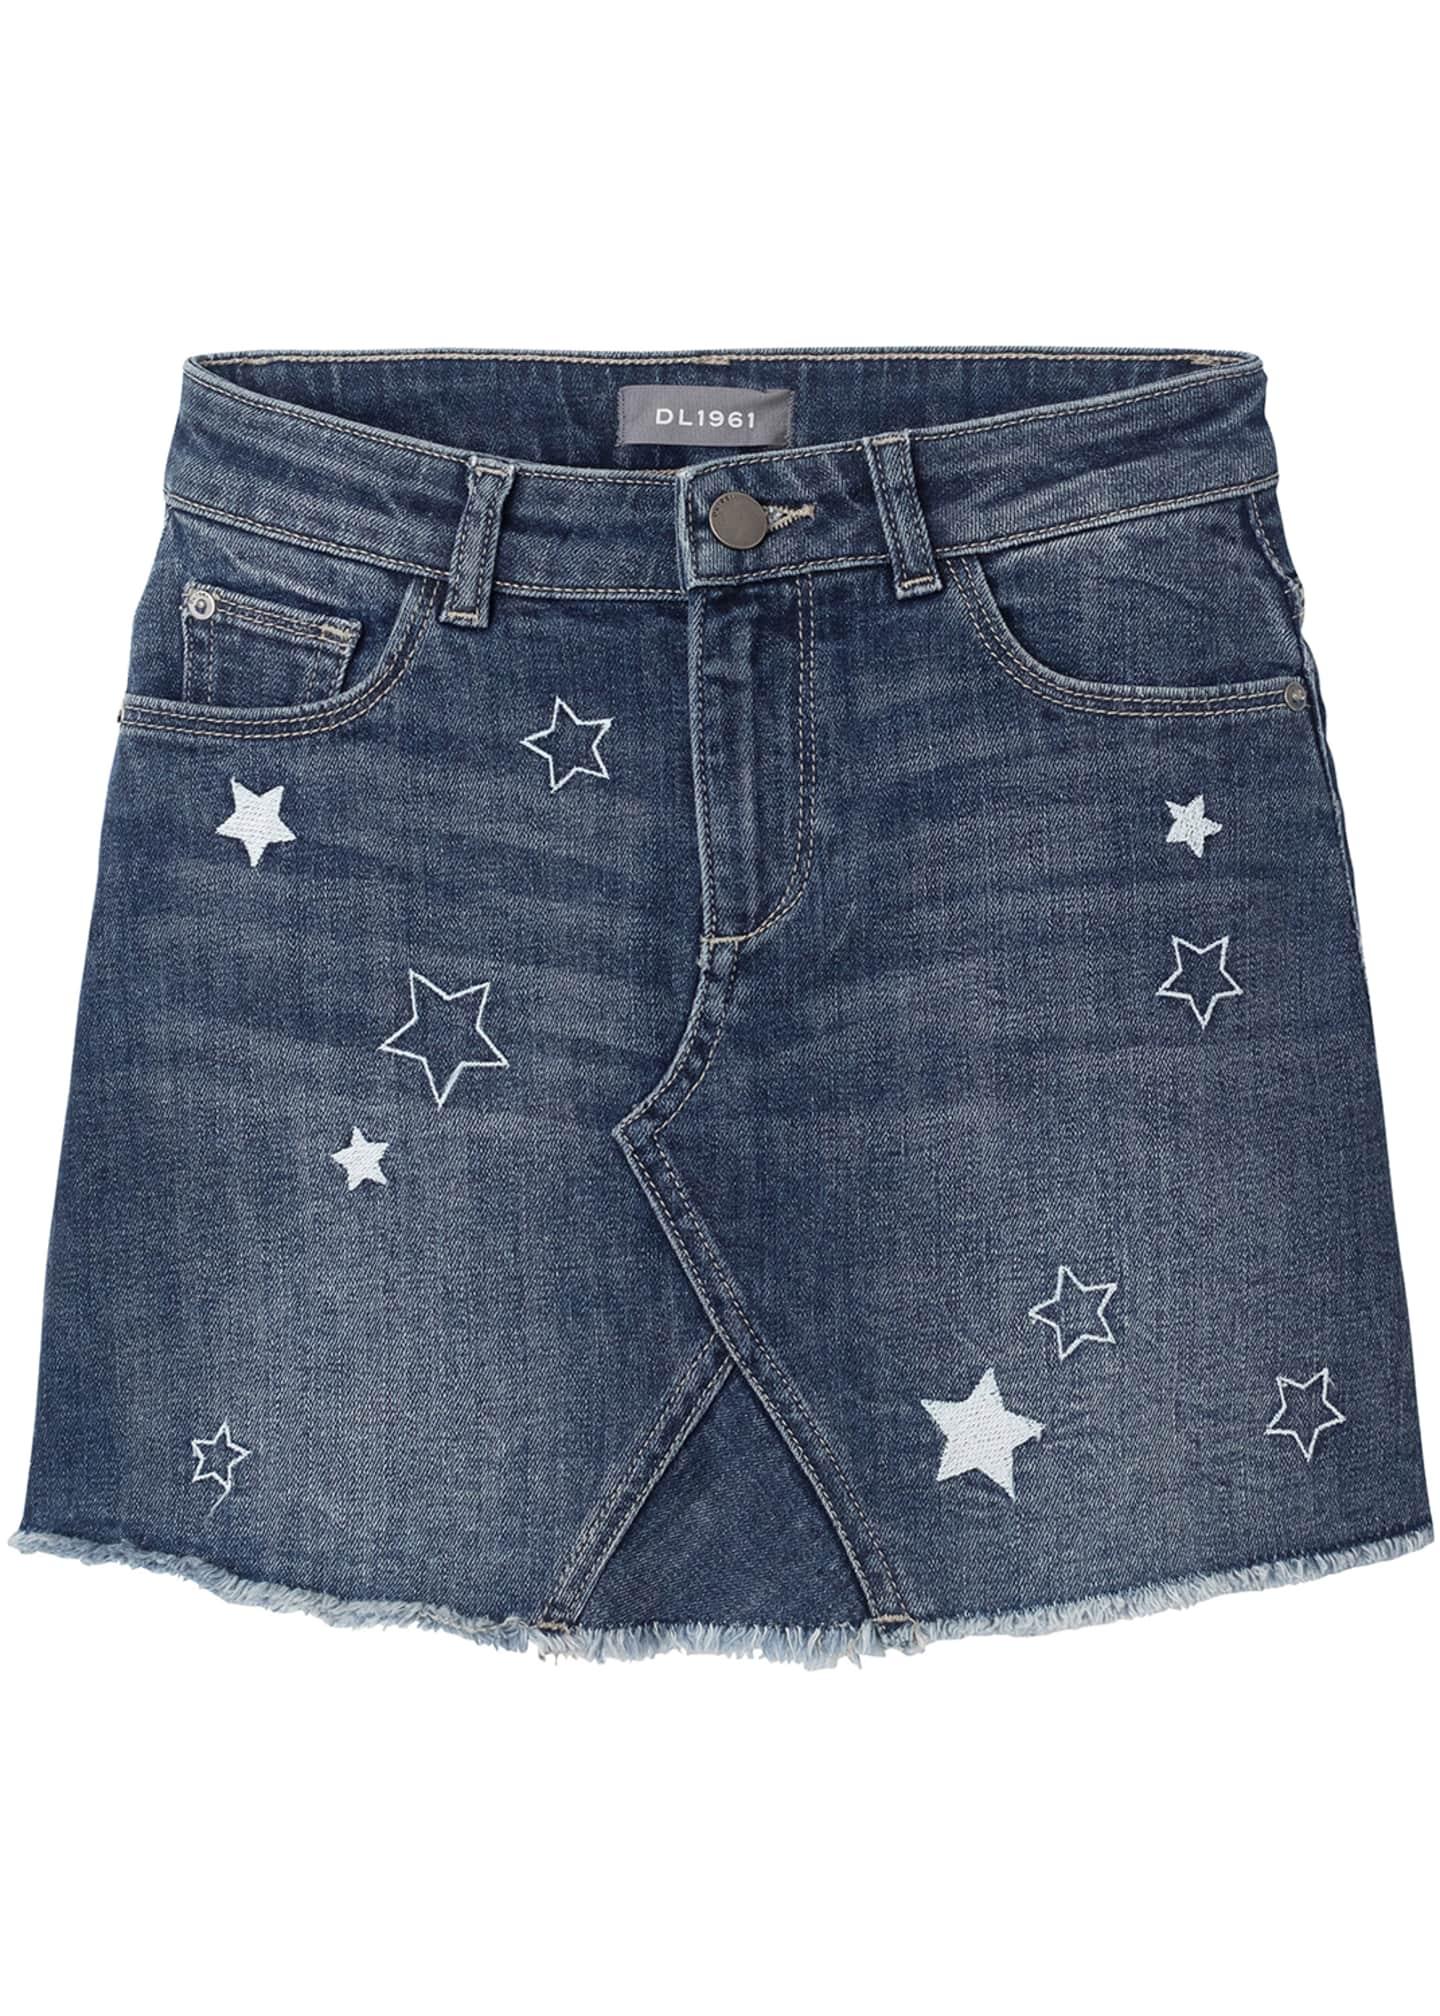 DL 1961 Jenny Stars A-Line Denim Skirt, Size